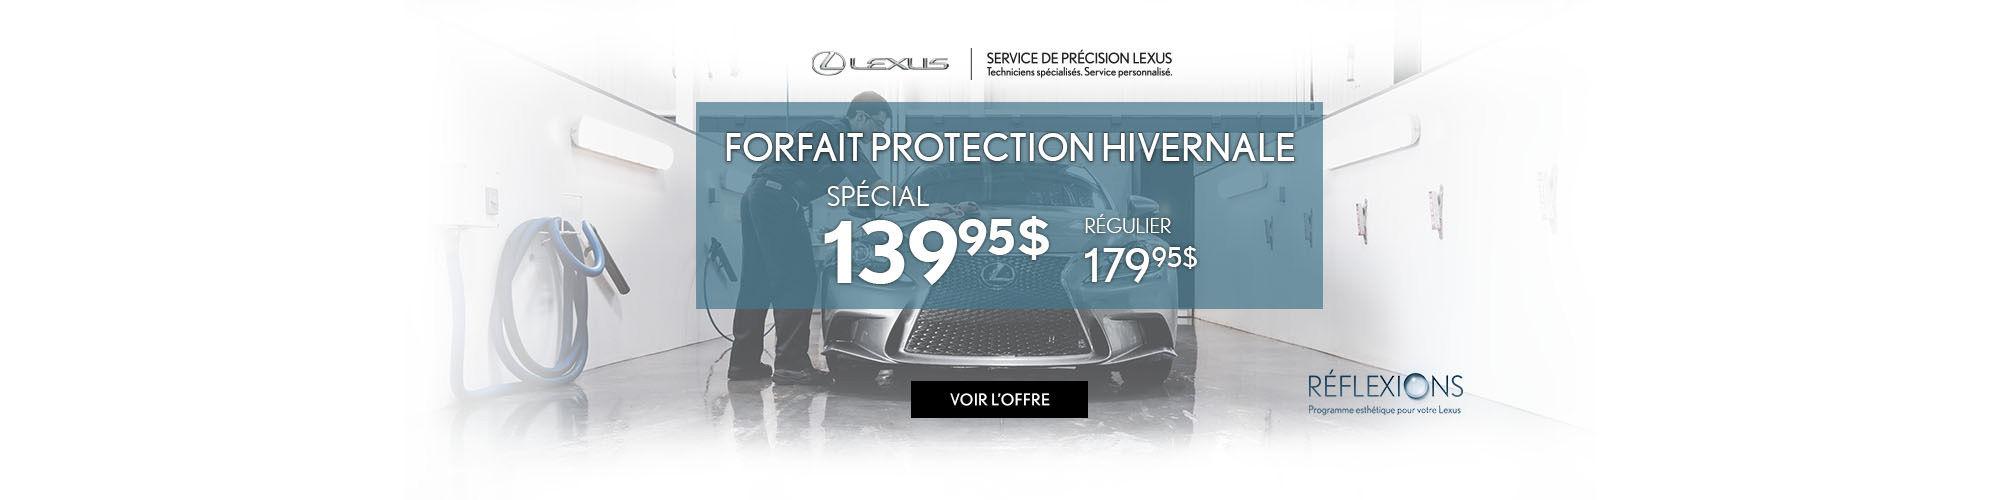 Forfait protection hivernale Lexus